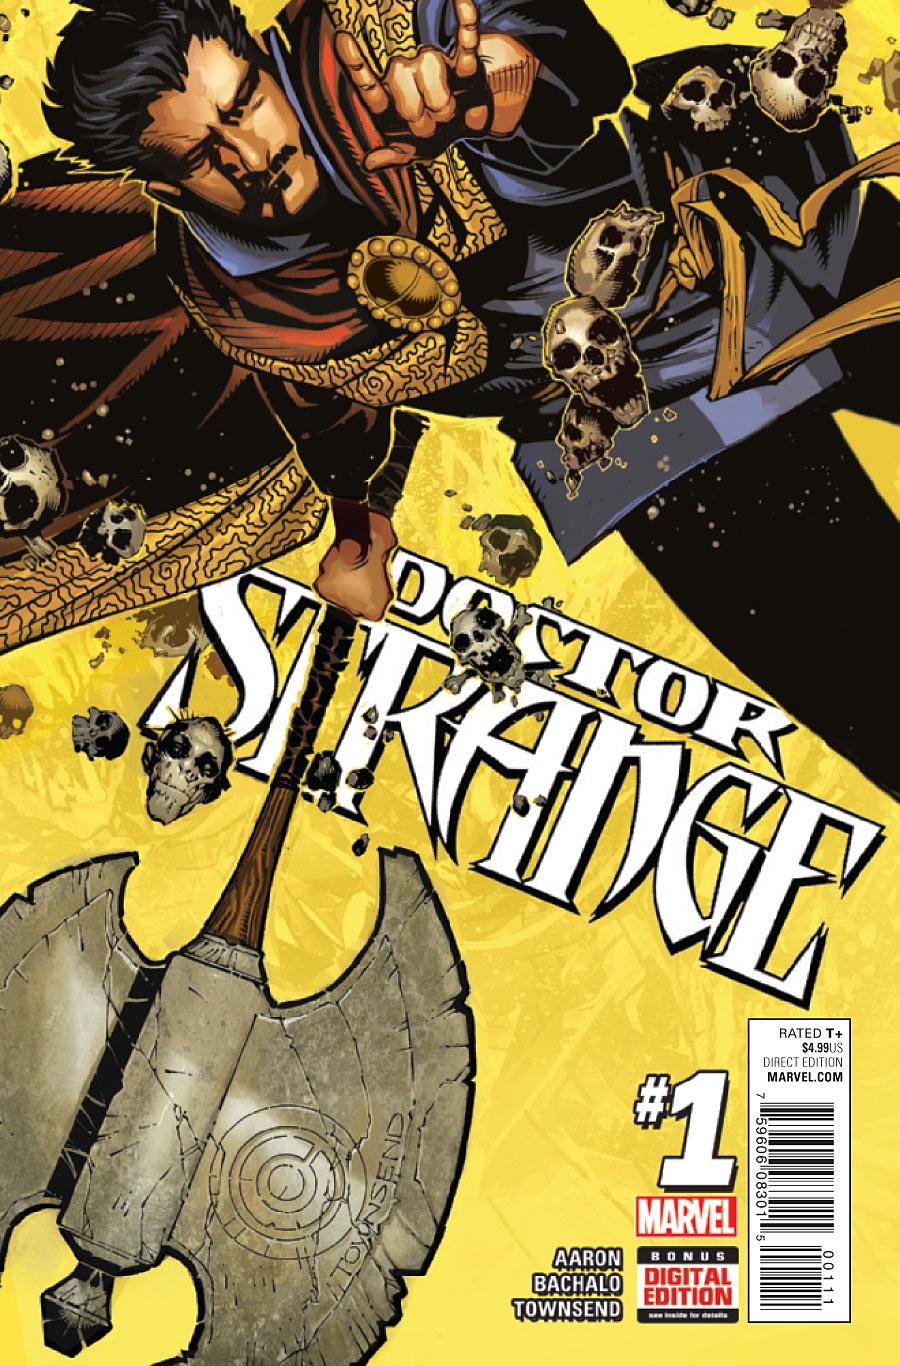 odd marvel comics